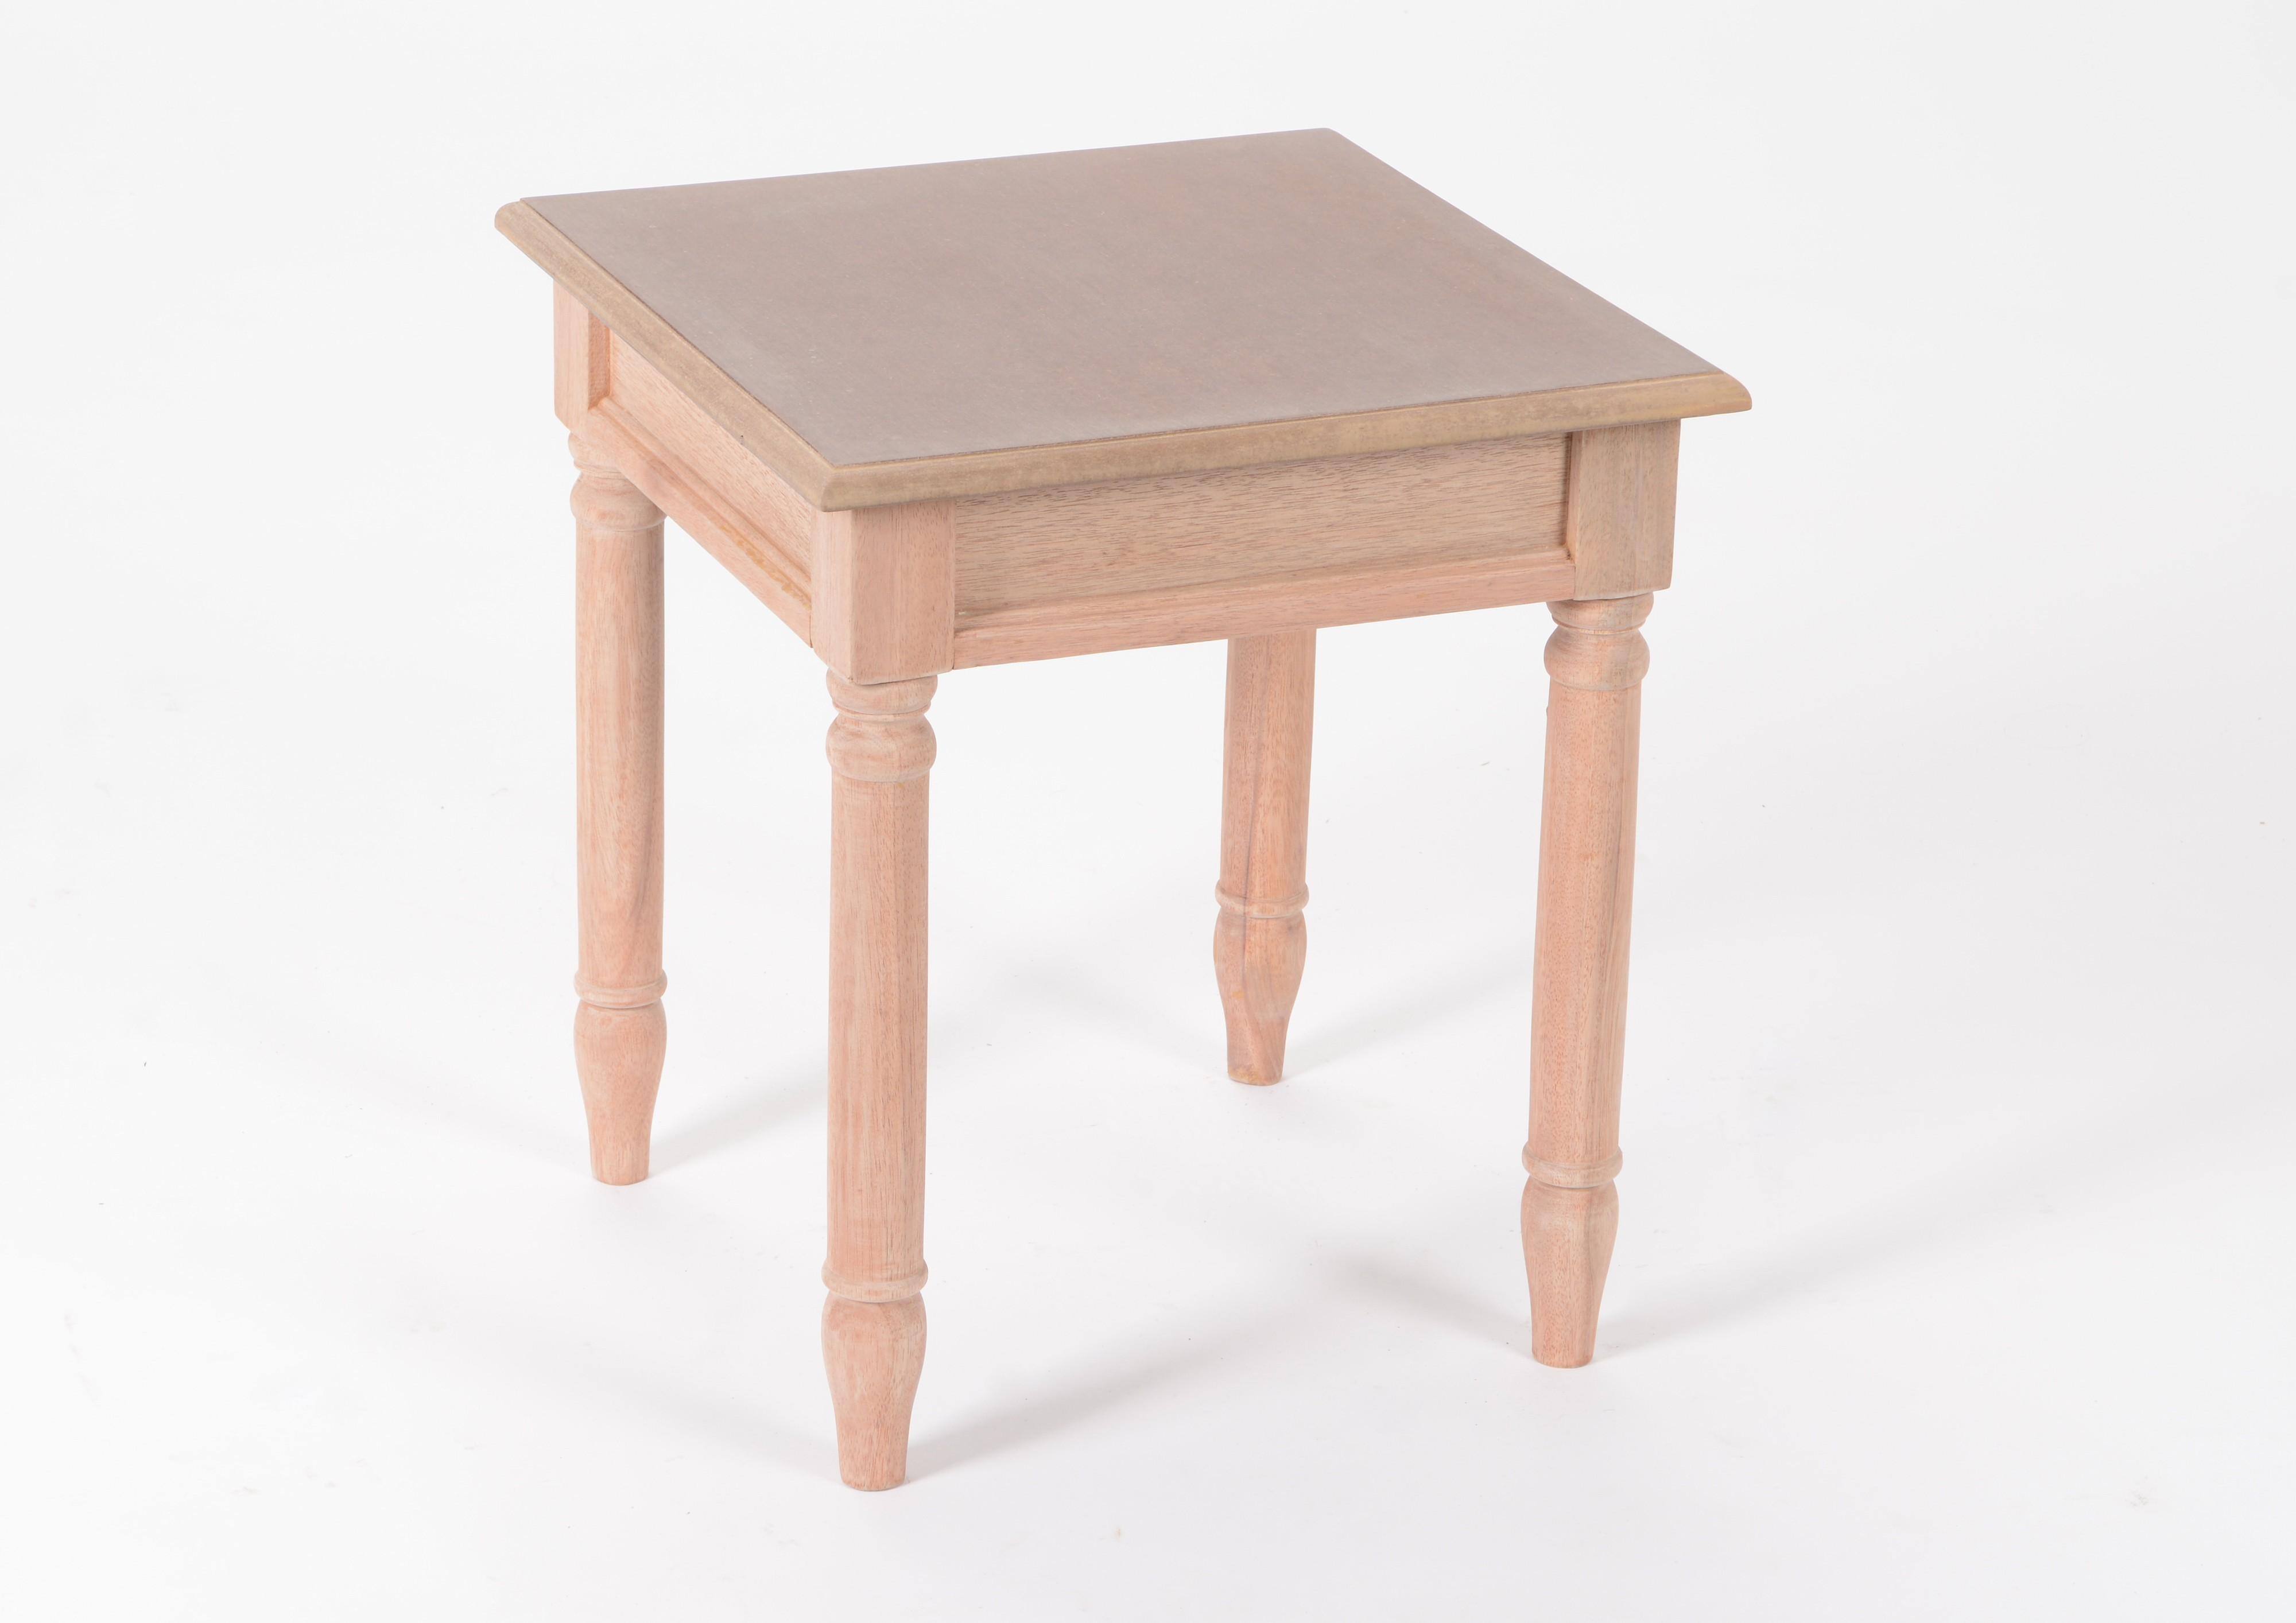 Bout De Canape Table D Appoint Chic En Bois Pret A Peindre Brice L40 X Larg40 X H45cm Amadeus